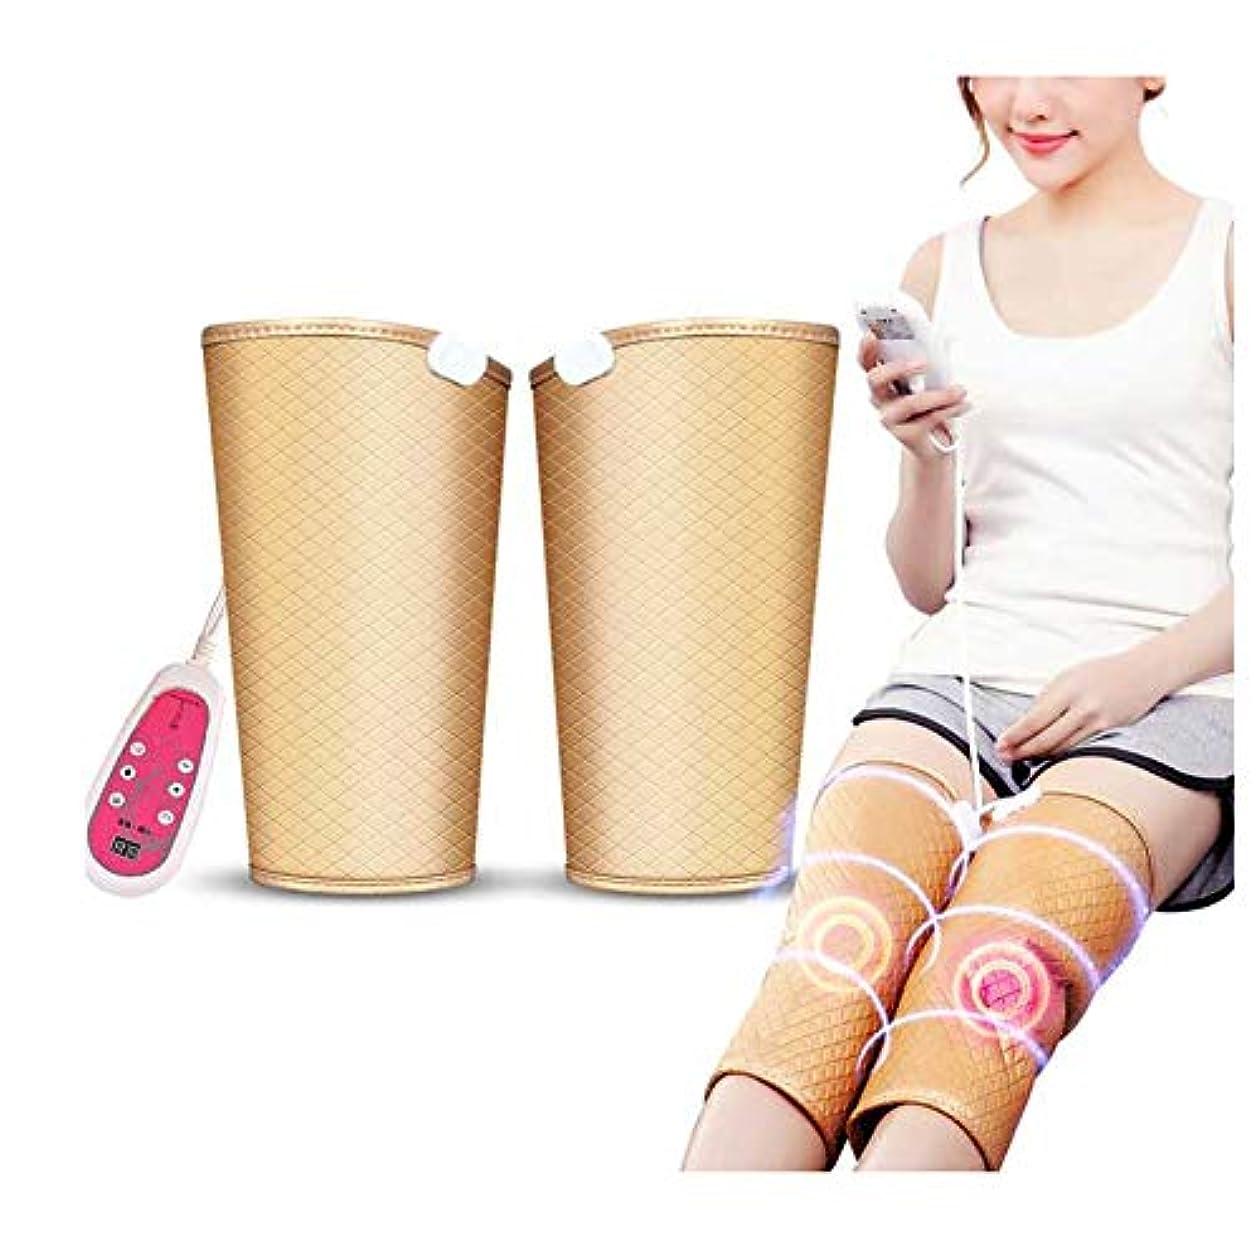 信頼できるロイヤリティ破壊的な暖房膝サポート9マッサージモードと膝のけがのための5つの速度でラップ膝温めラップパッド療法マッサージャー